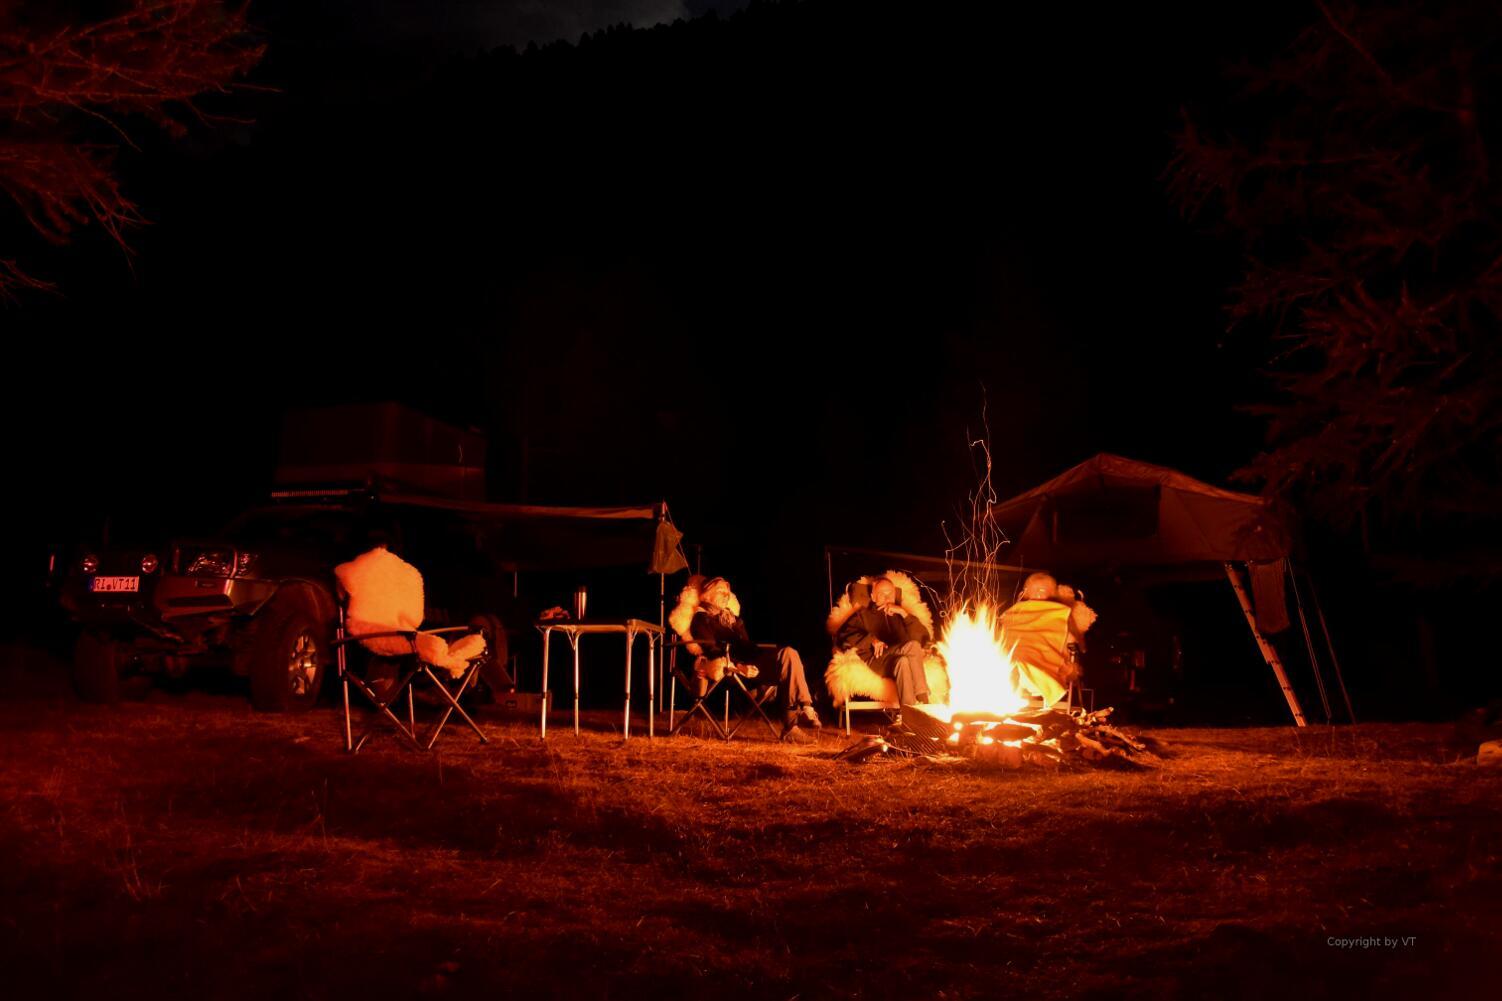 Es wird ein langer Abend am Feuer...